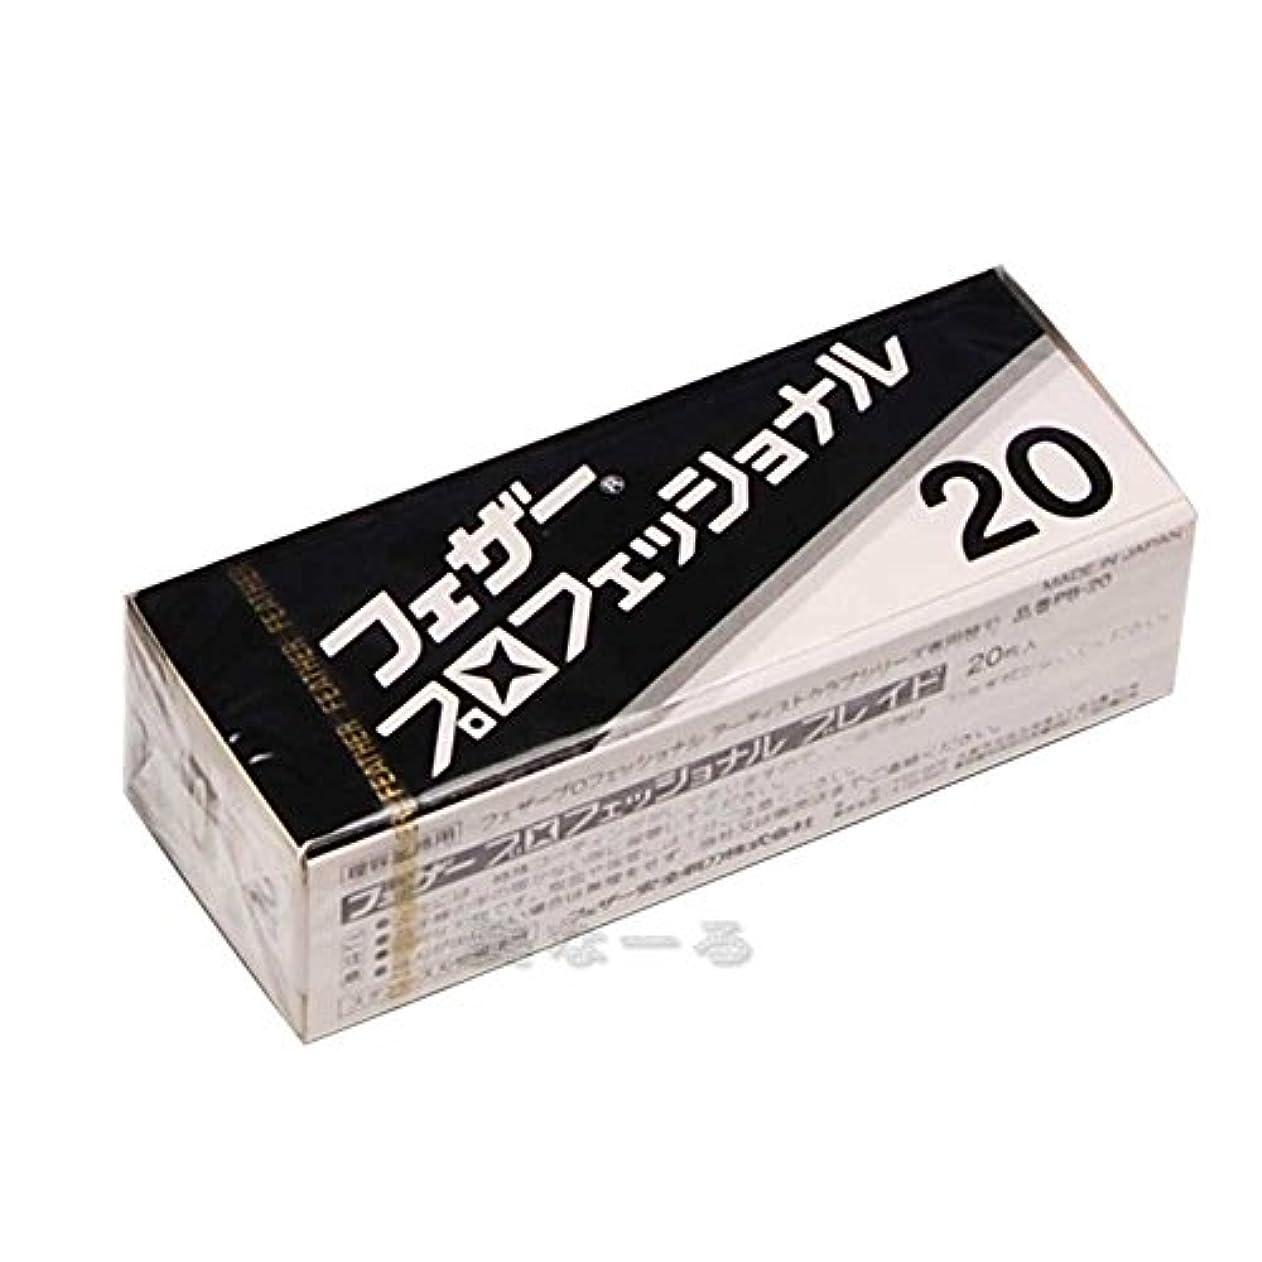 意志半ば販売員フェザー プロフェッショナル ブレイド PB-20 替刃 20枚入